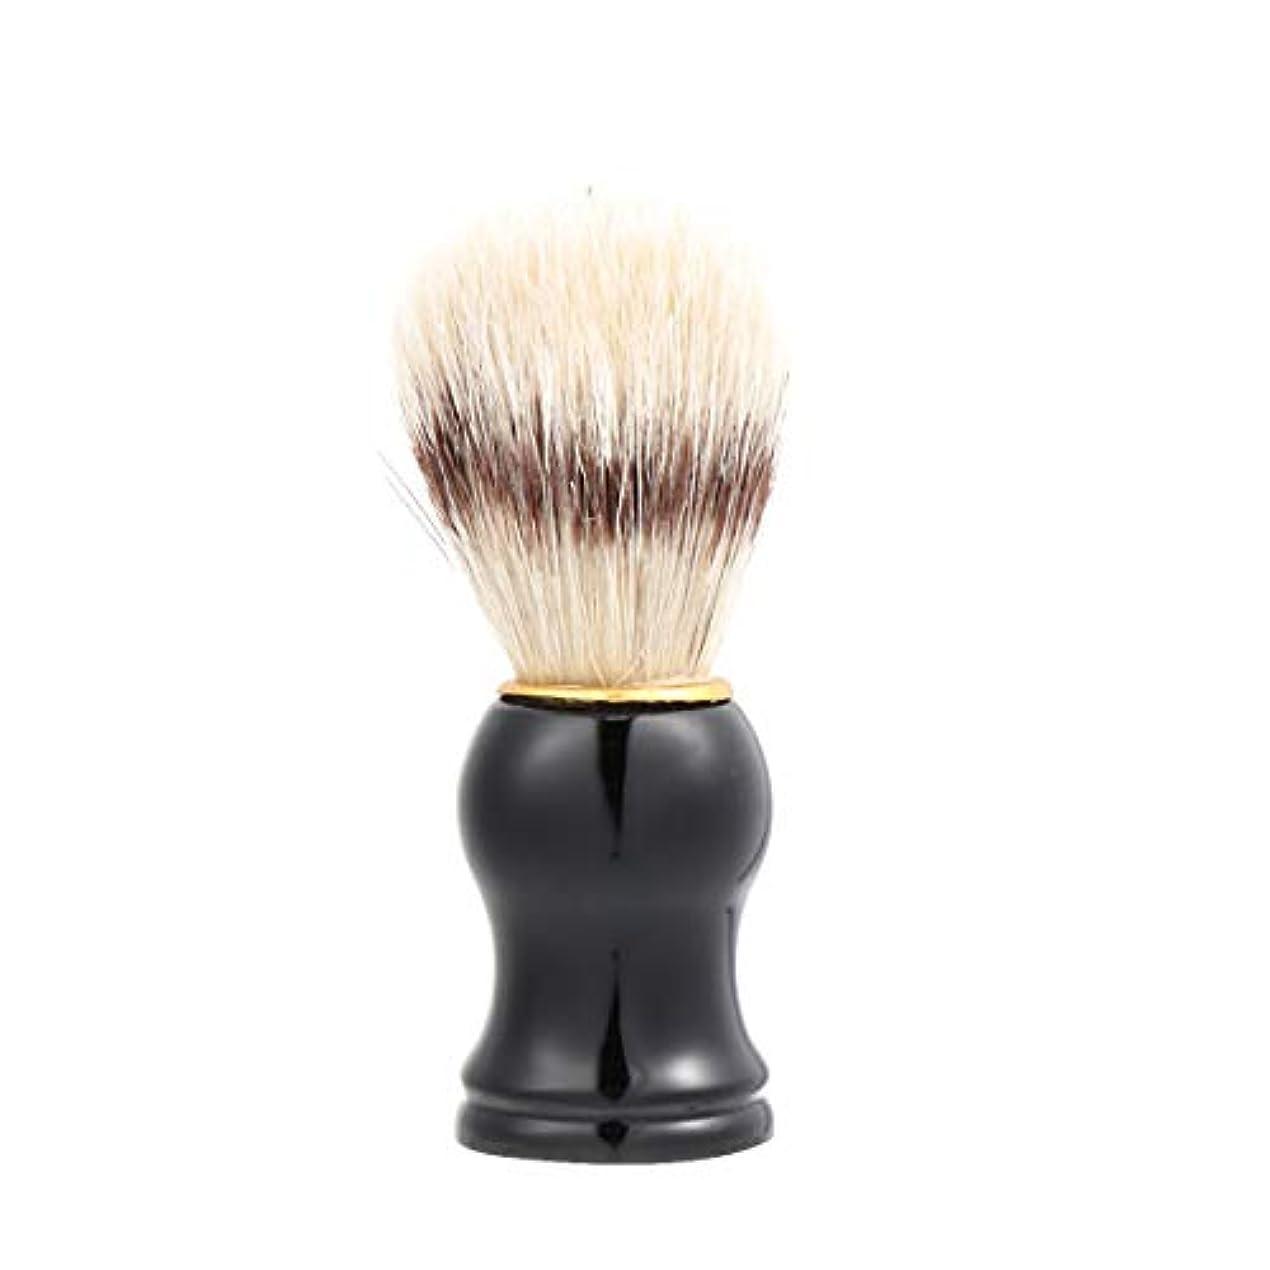 金貸し沈黙ビヨンLurrose 男性の剃毛ブラシ 毛髭ひげ 剃毛ブラシ ソフト フェイシャルケア ヘアクレンジングブラシ